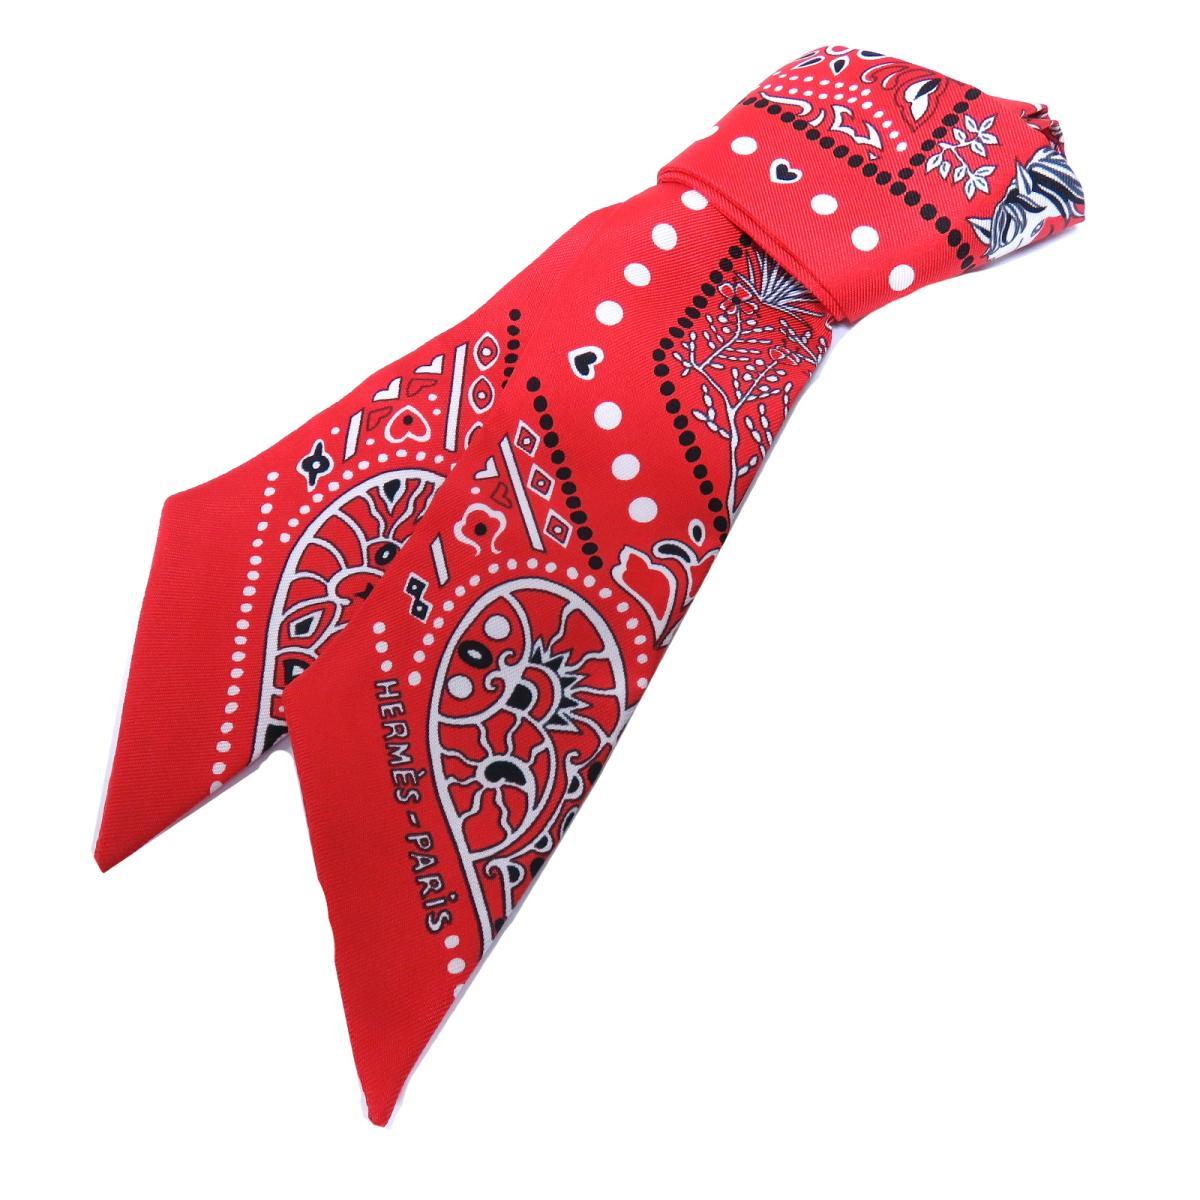 エルメス トゥイリー スカーフ 衣料品 レディース シルク ROUGE/BLANC/NOIR | HERMES BRANDOFF ブランドオフ ブランド